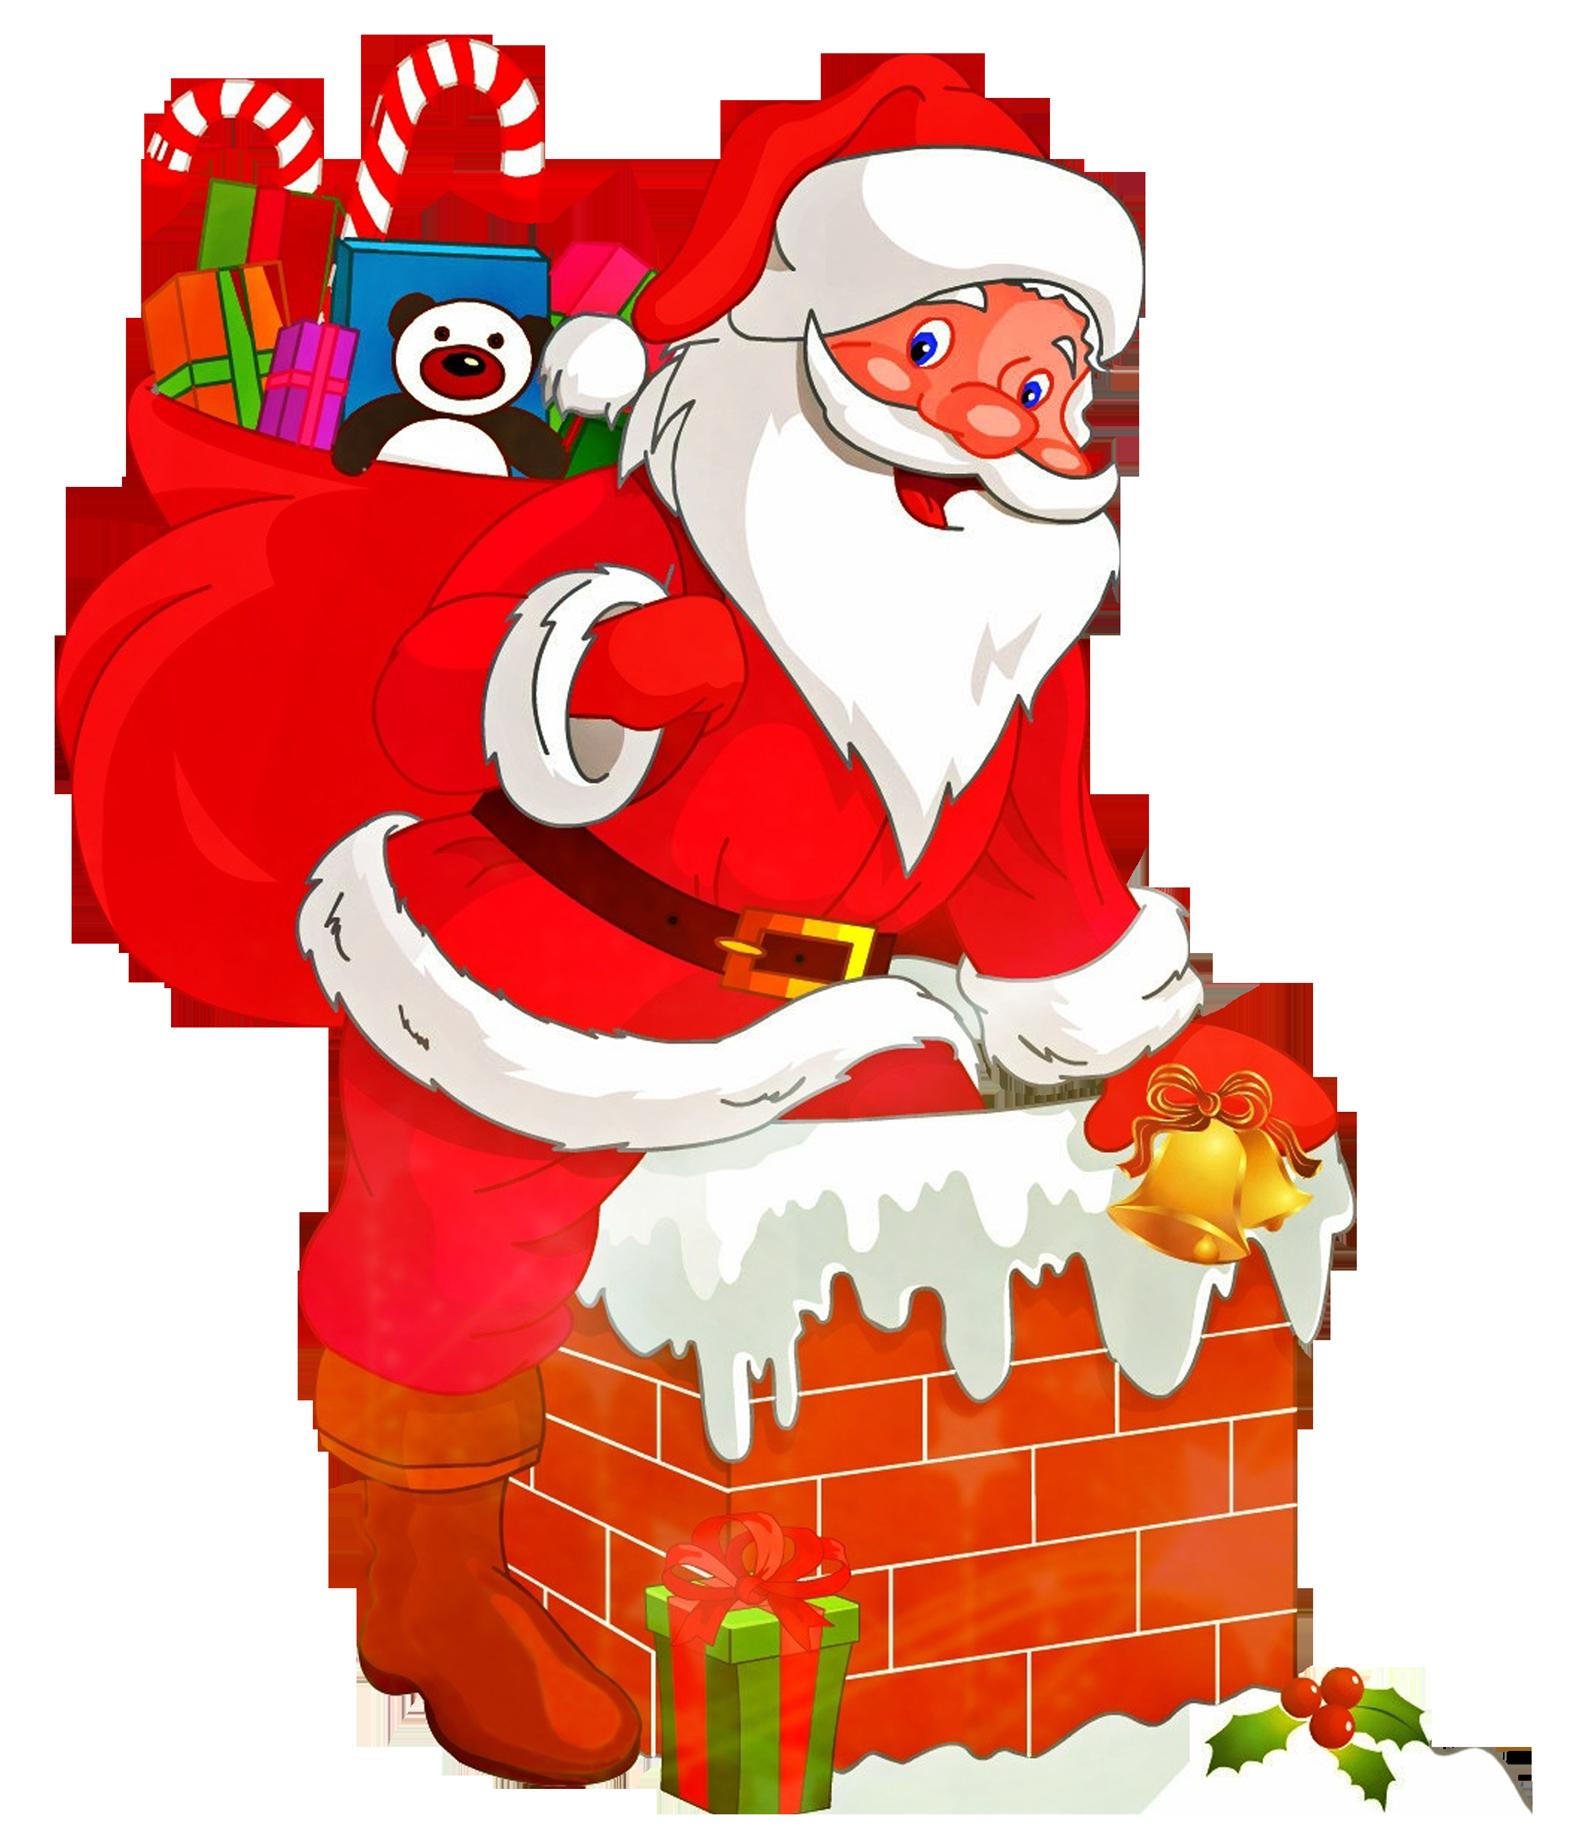 Lady clipart santa claus. Png transparent image pngpix